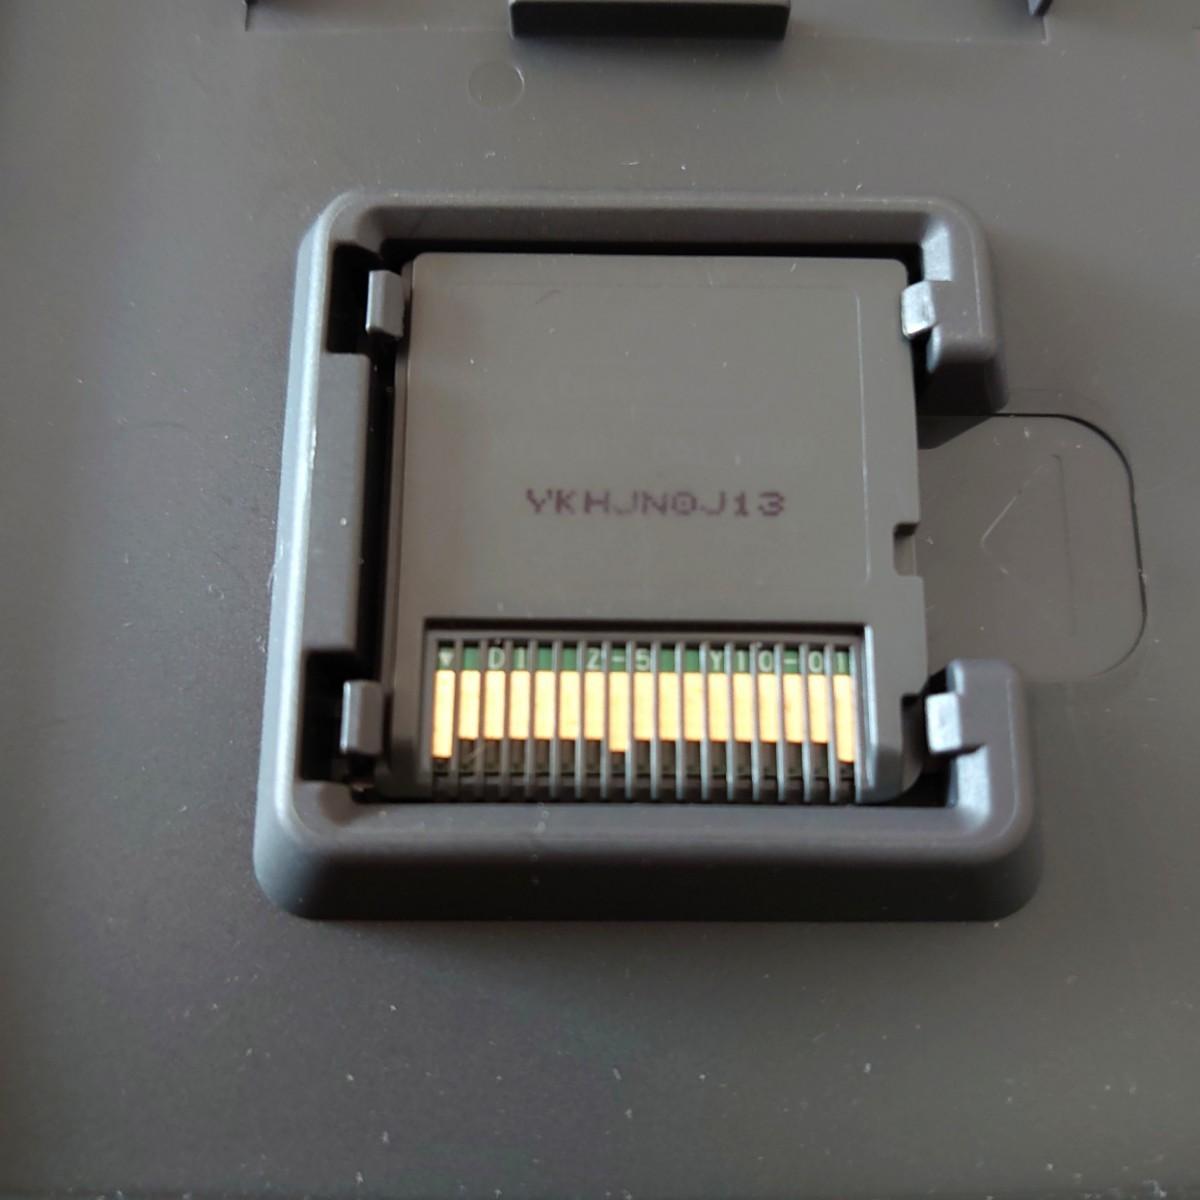 ニンテンドーDS ソフト ぼくらはカセキホリダー 動作品 ケース付き 美品 人気 希少 DS 交渉可能 スーパーカセキホリダー